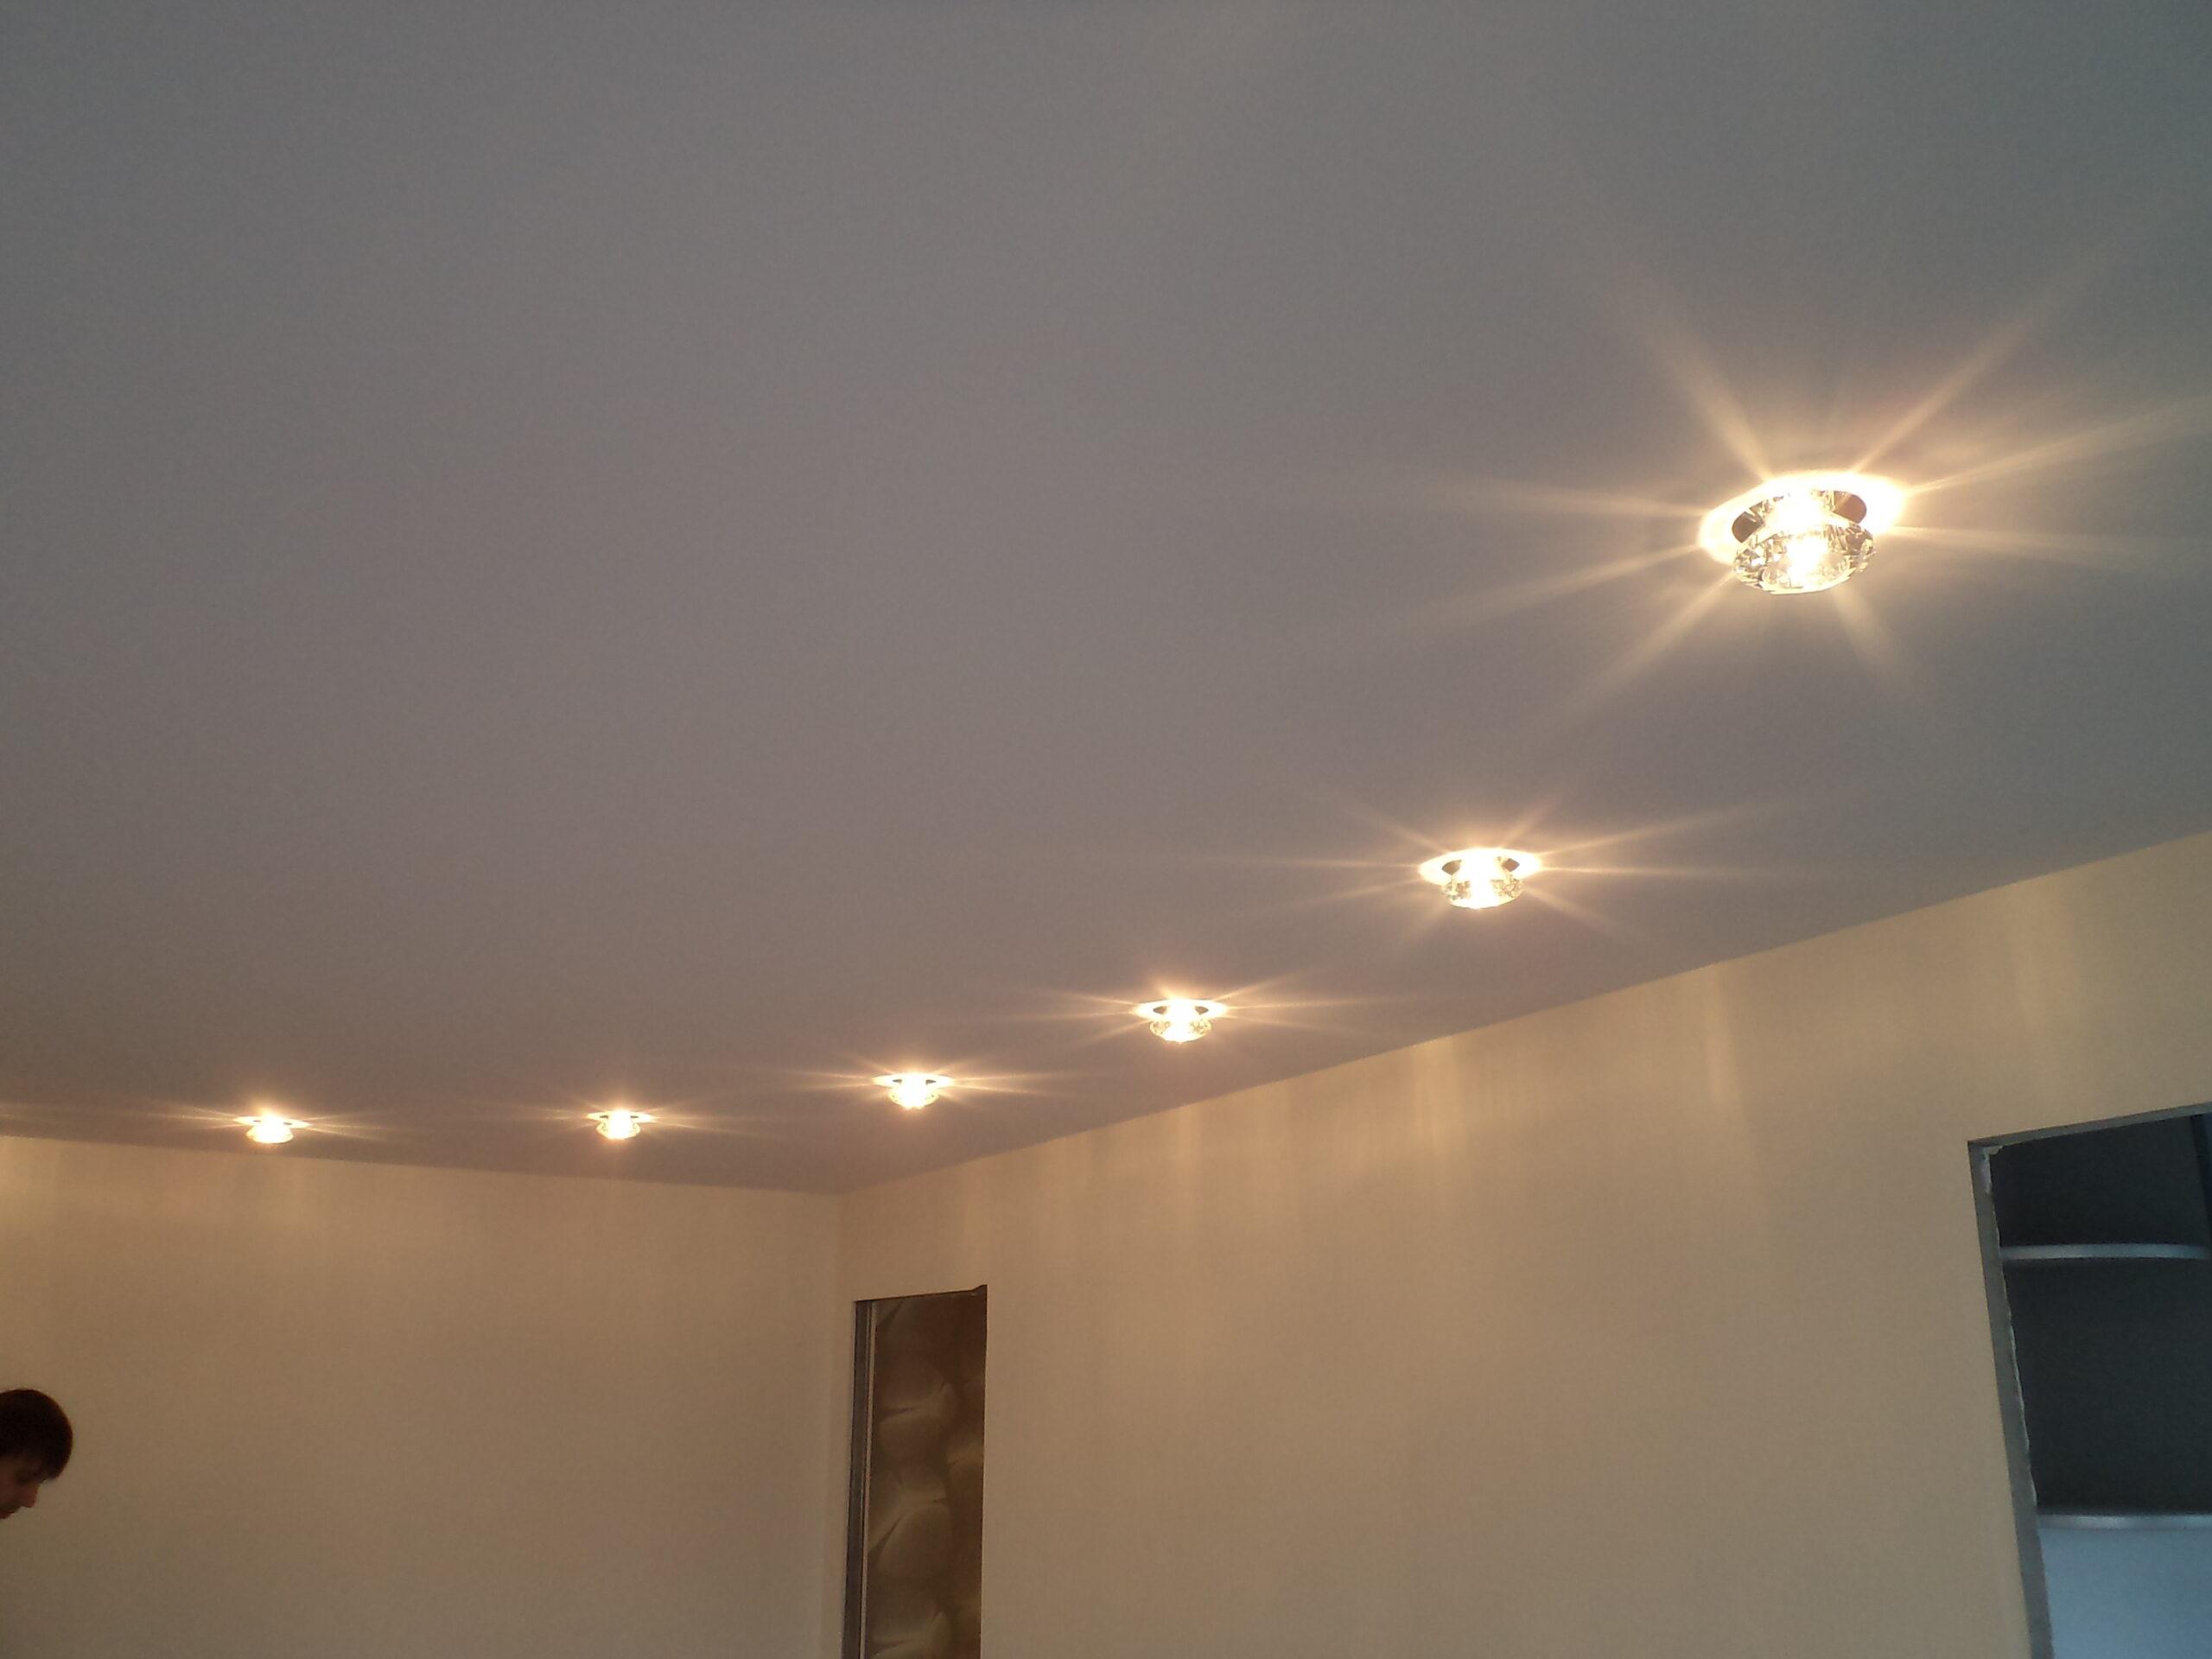 Тканевый потолок с дизайнерскими светильниками-стильный дизайн для различных помещений